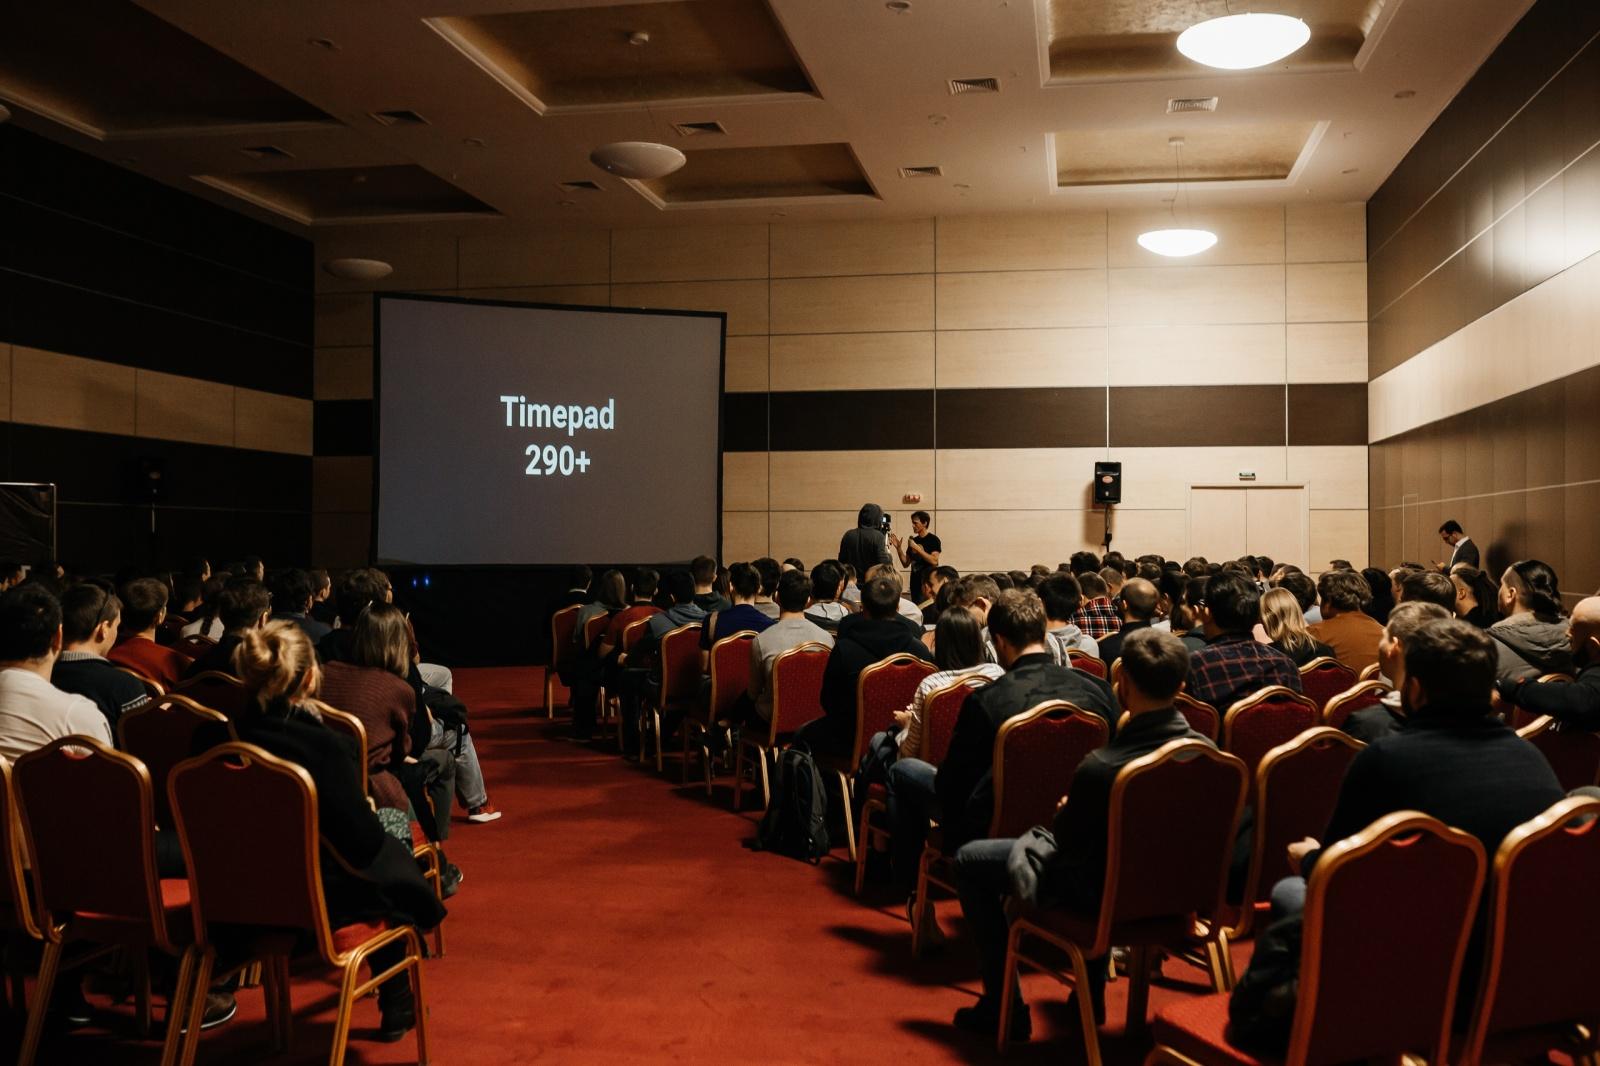 Ростов-на-Дону: IT-компании, сообщества и мероприятия в 2019 году - 9